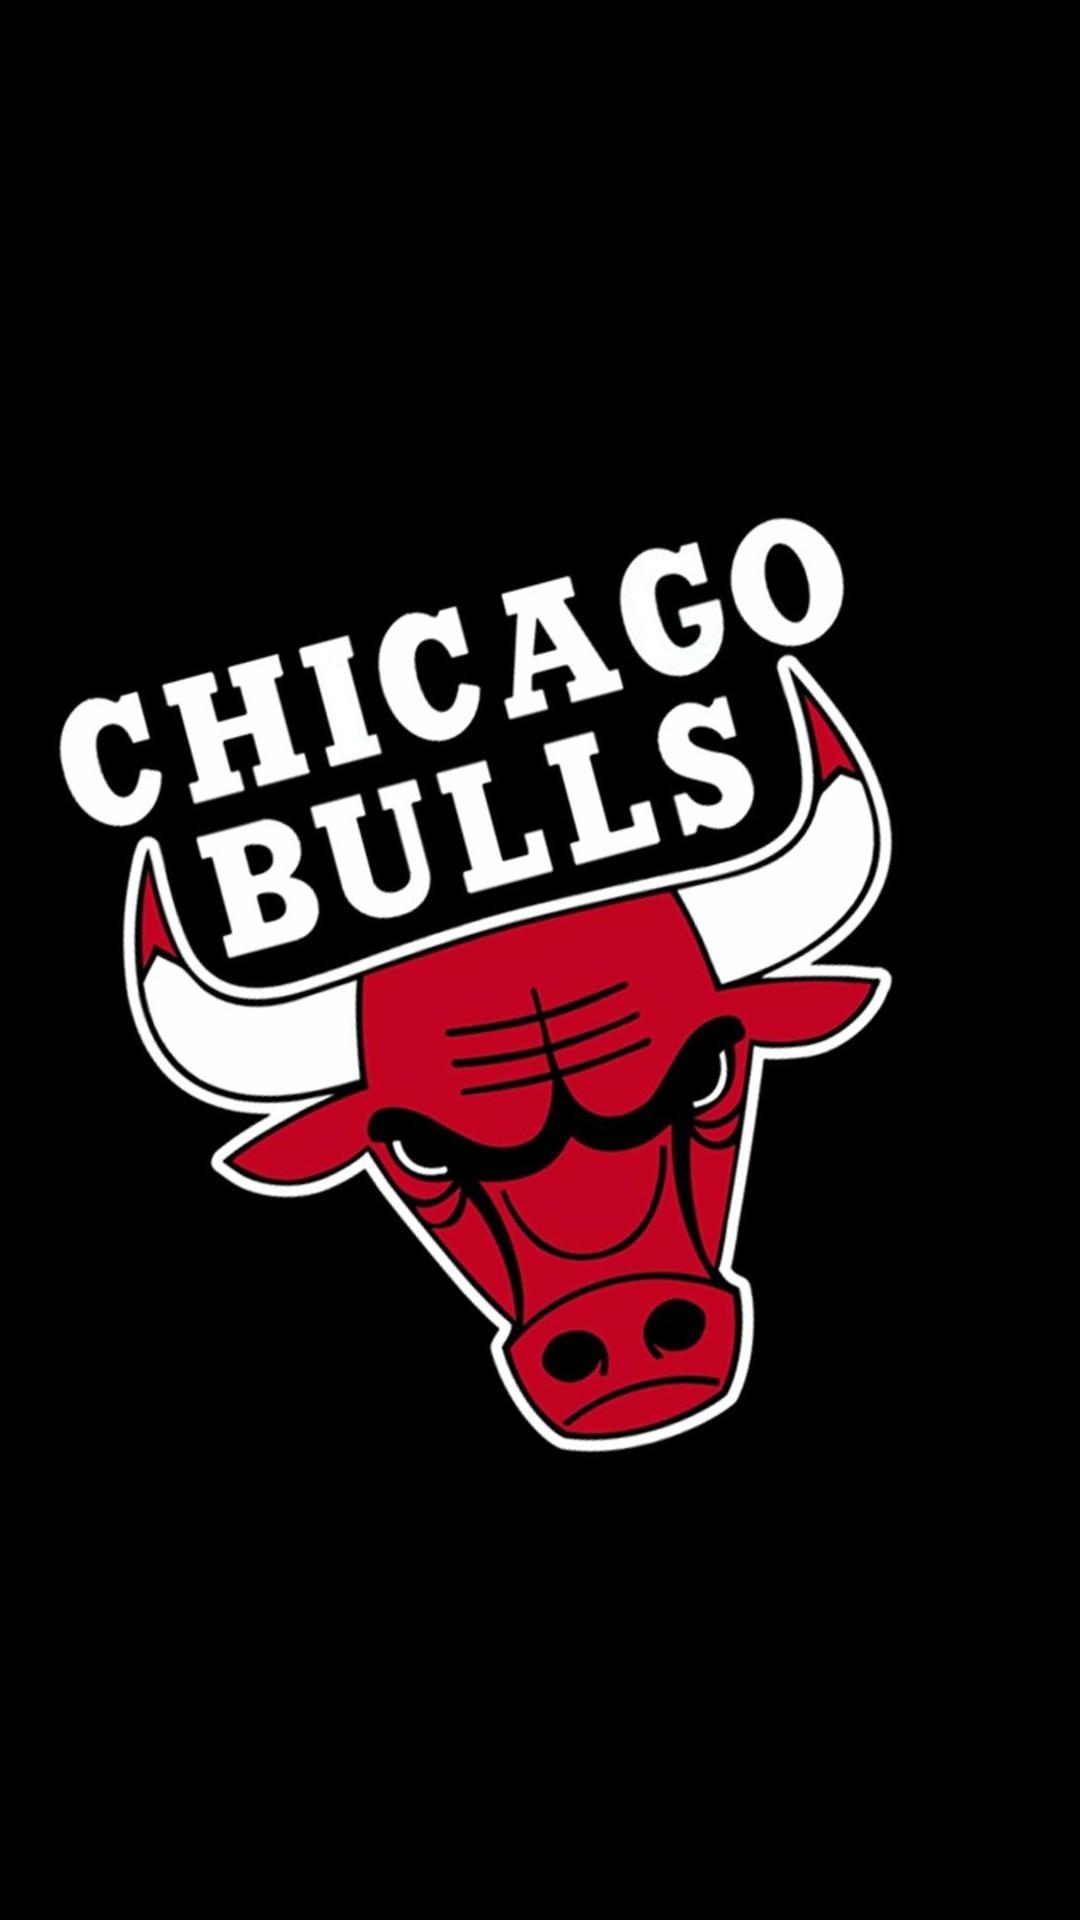 chicago bulls logo wallpaper 69 images